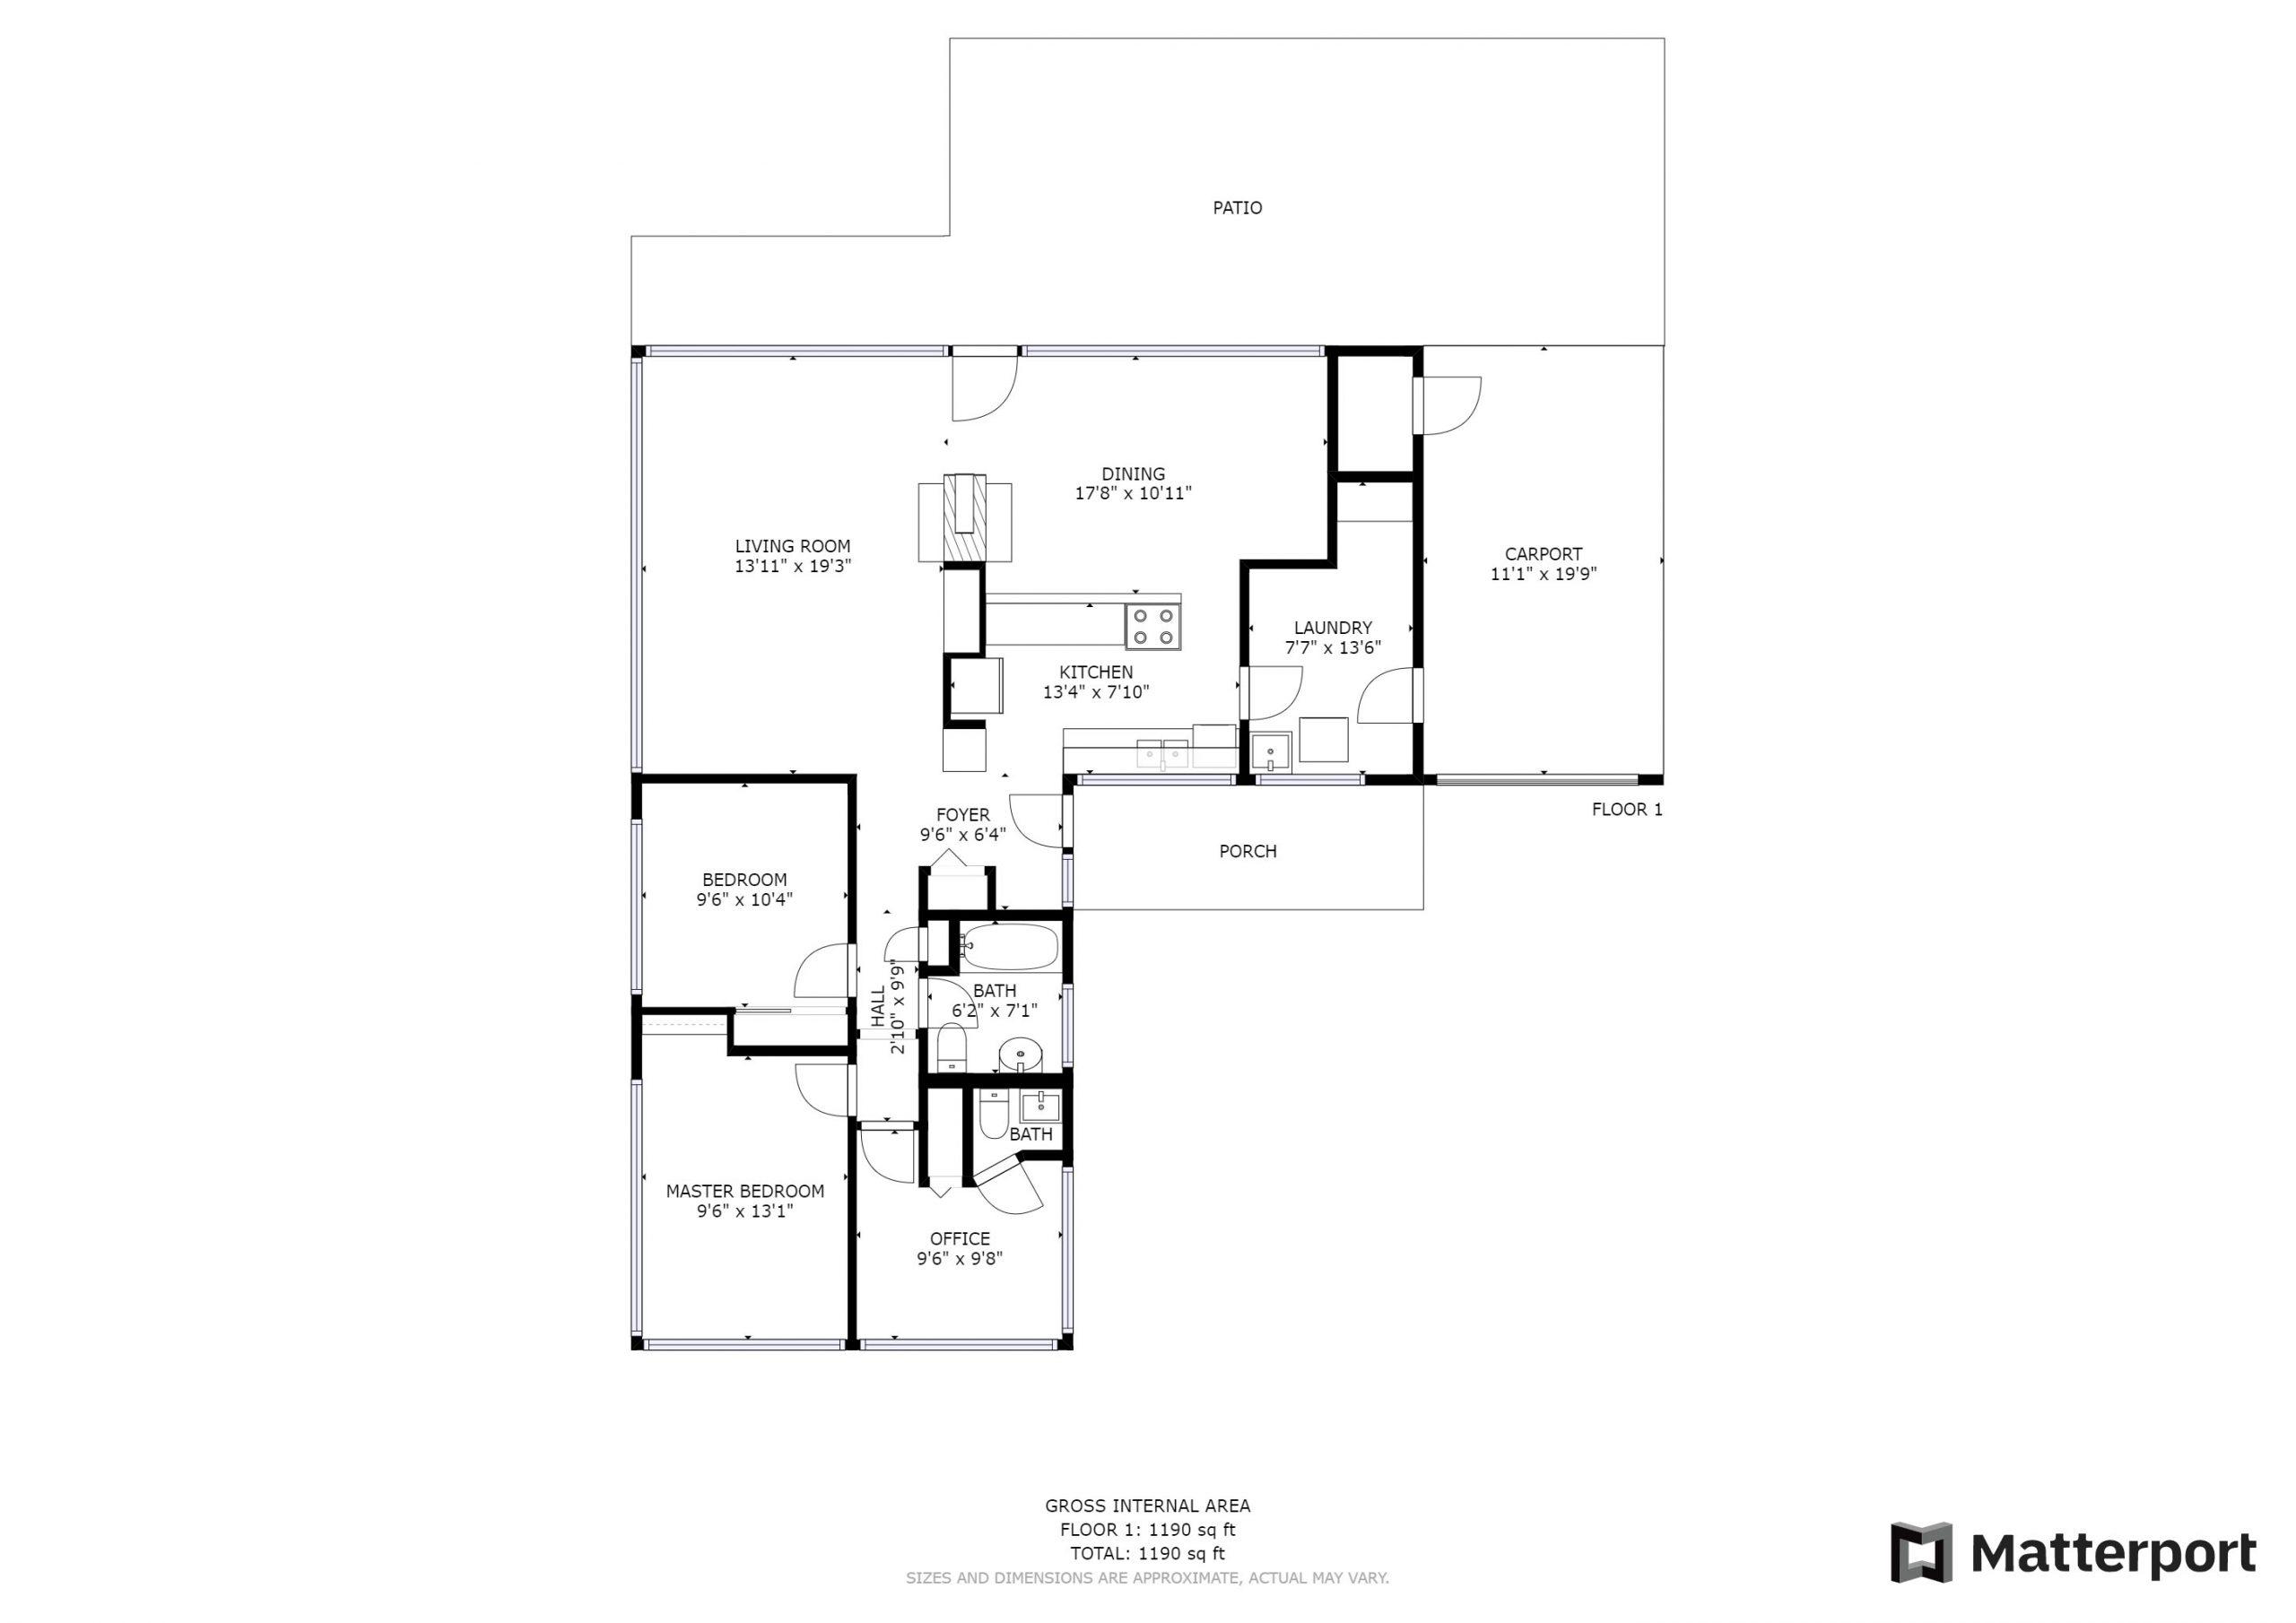 Floorplan & Approximate Room Measurements_Matterport